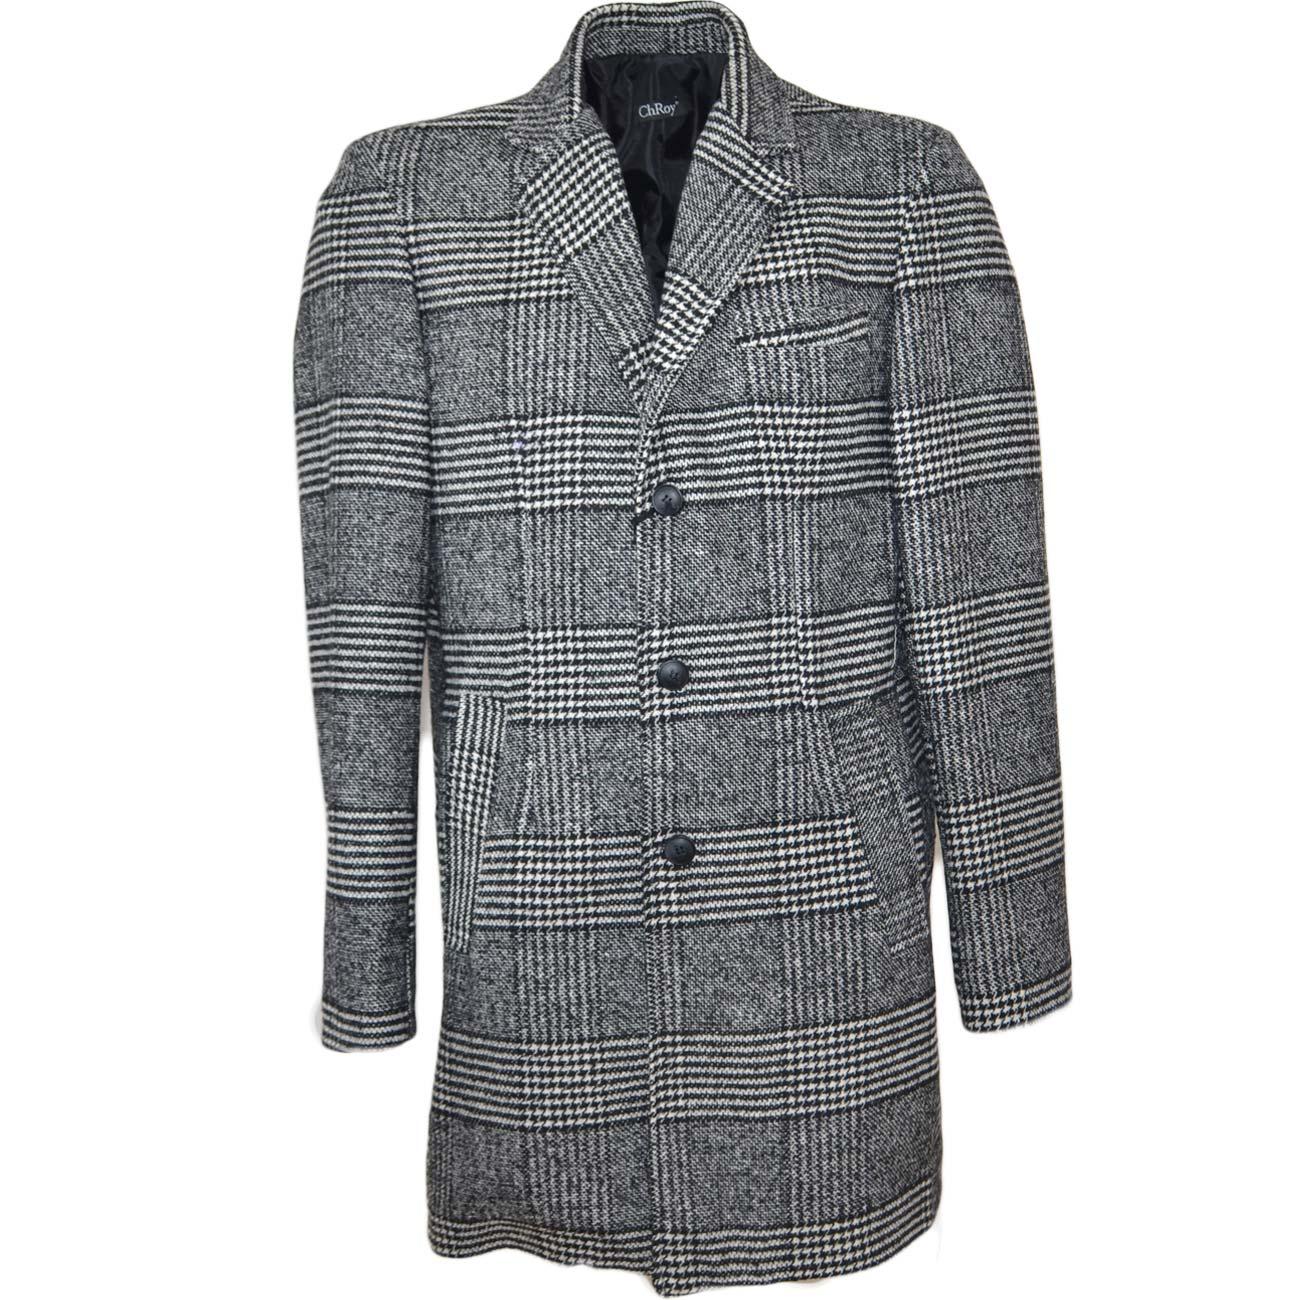 quality design 2f116 37df7 Cappotto giacca lunga uomo a fantasia quadri bianco e nero dandy in calda  lana sottile bottoni in osso da professionista uomo cappotti made in italy  | ...